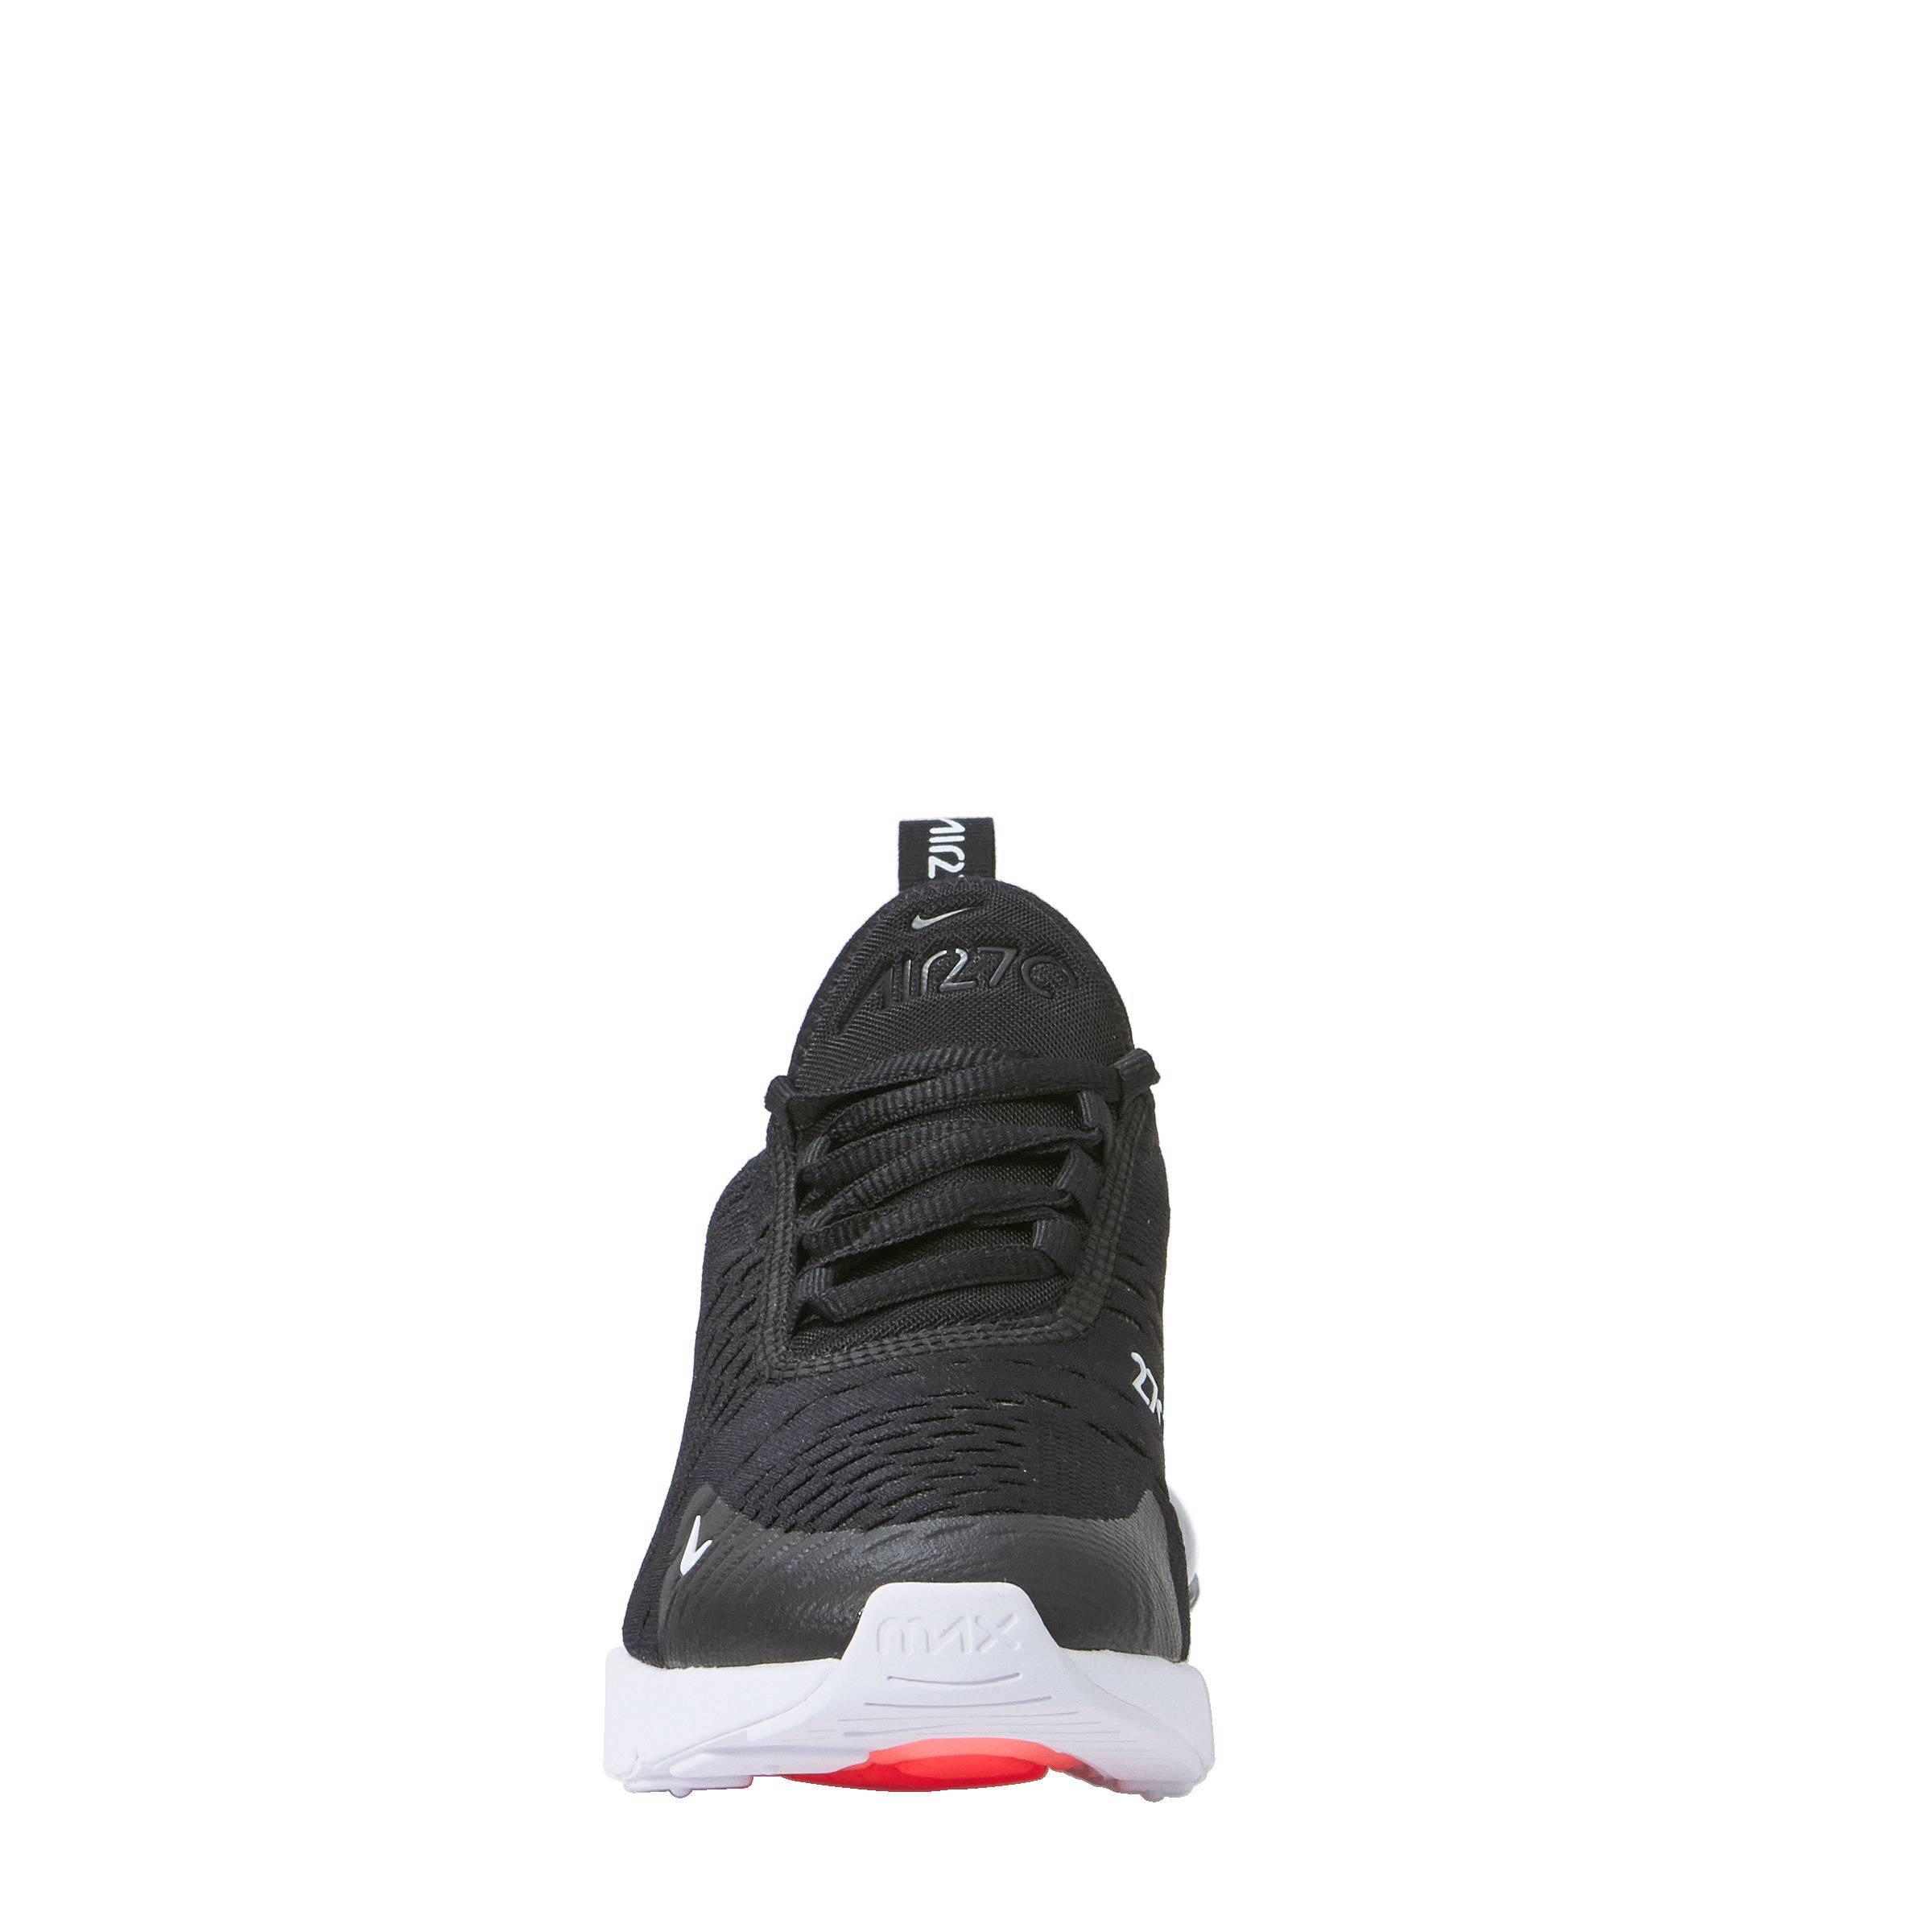 31e35bb17c864 nike-air-max-270-gs-sneakers-zwart-0888412141845.jpg